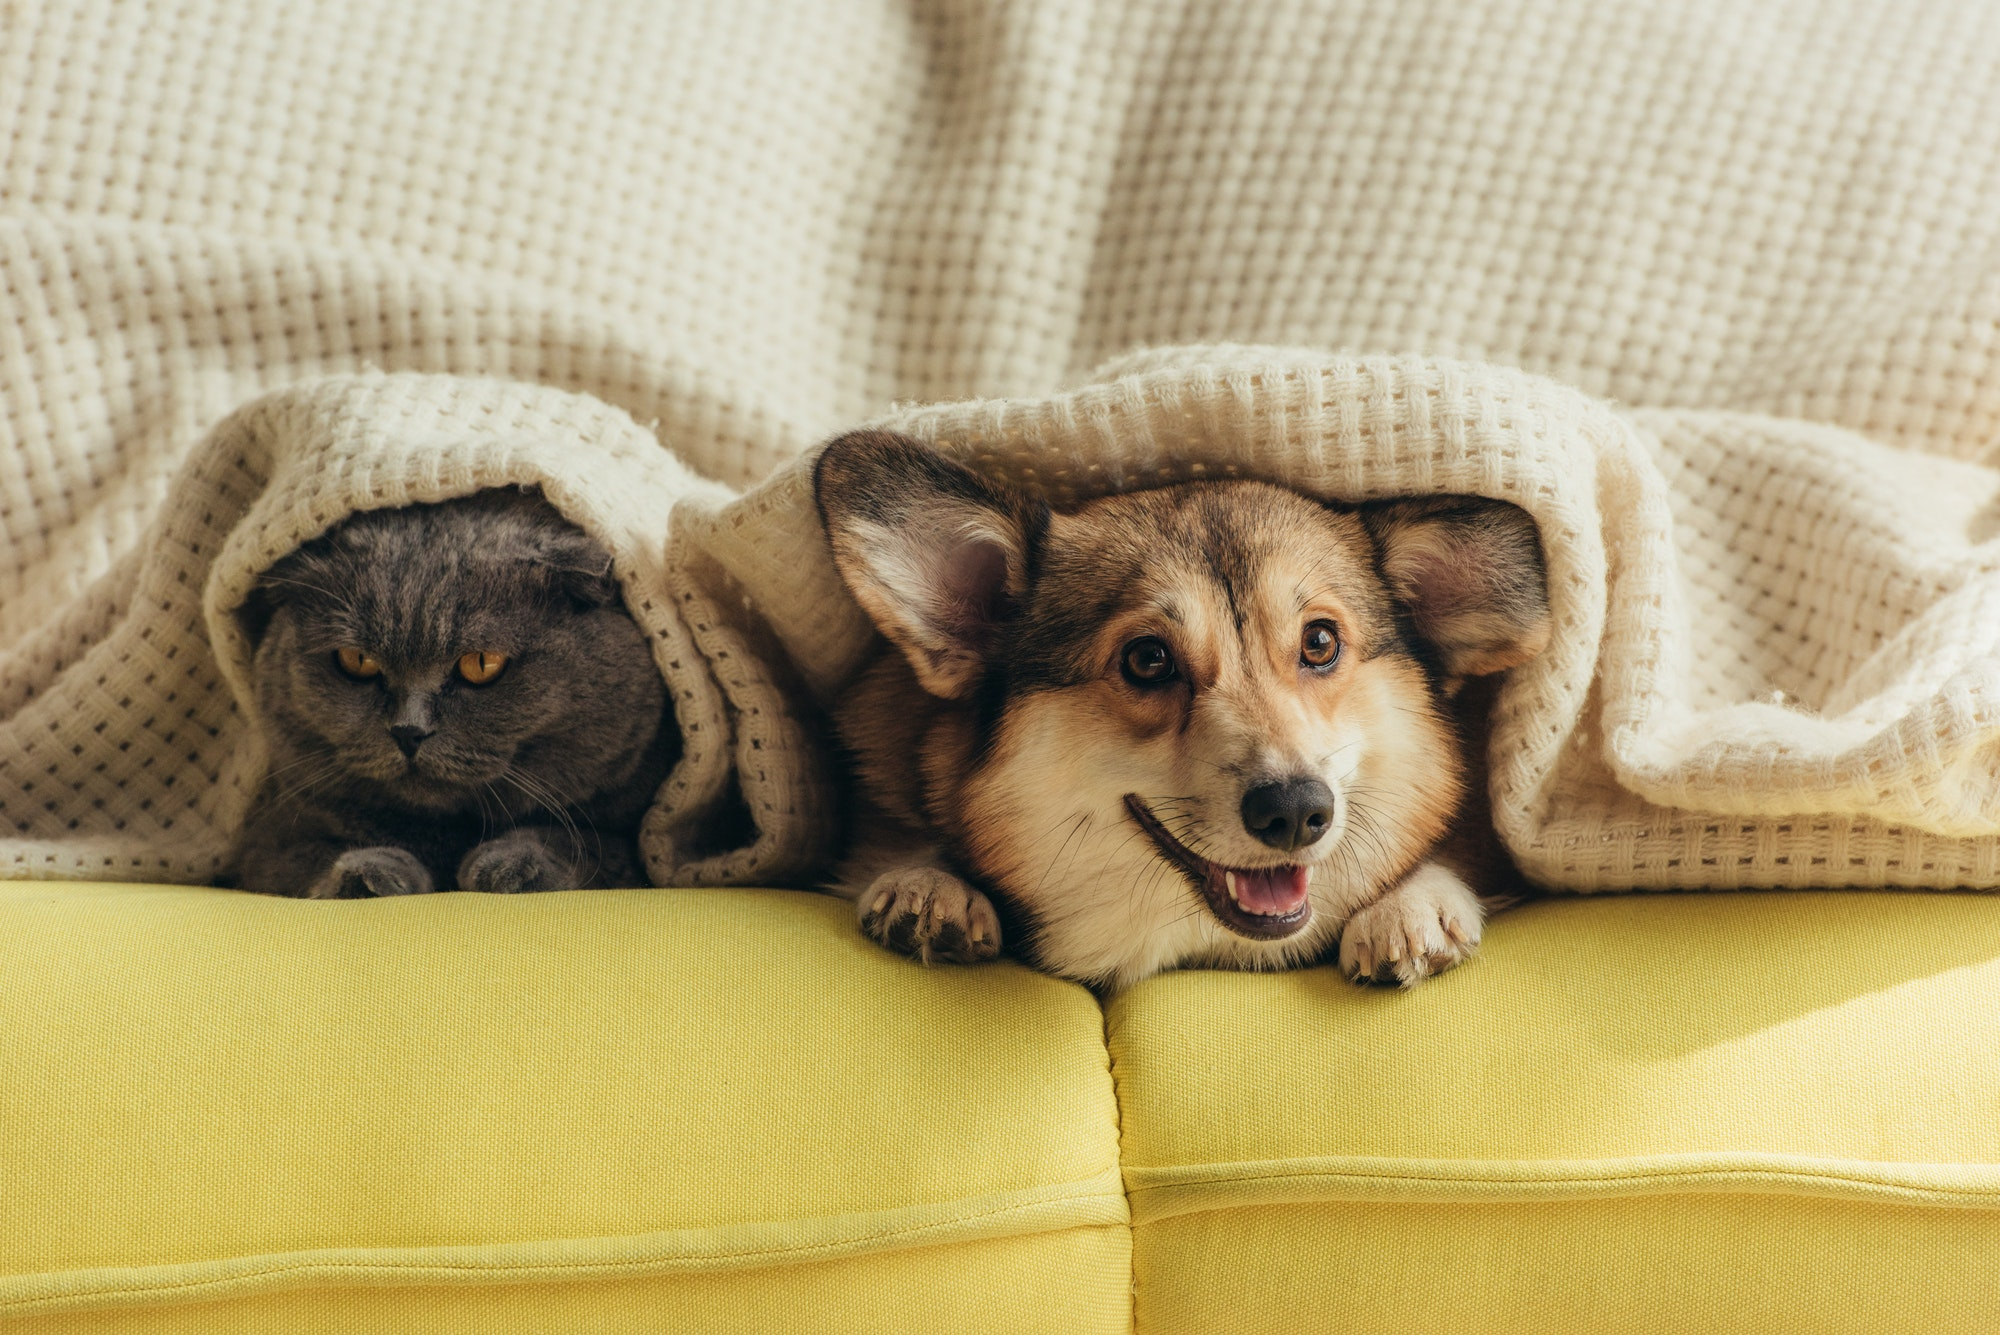 gos i gat al sofa tapats amb una manta